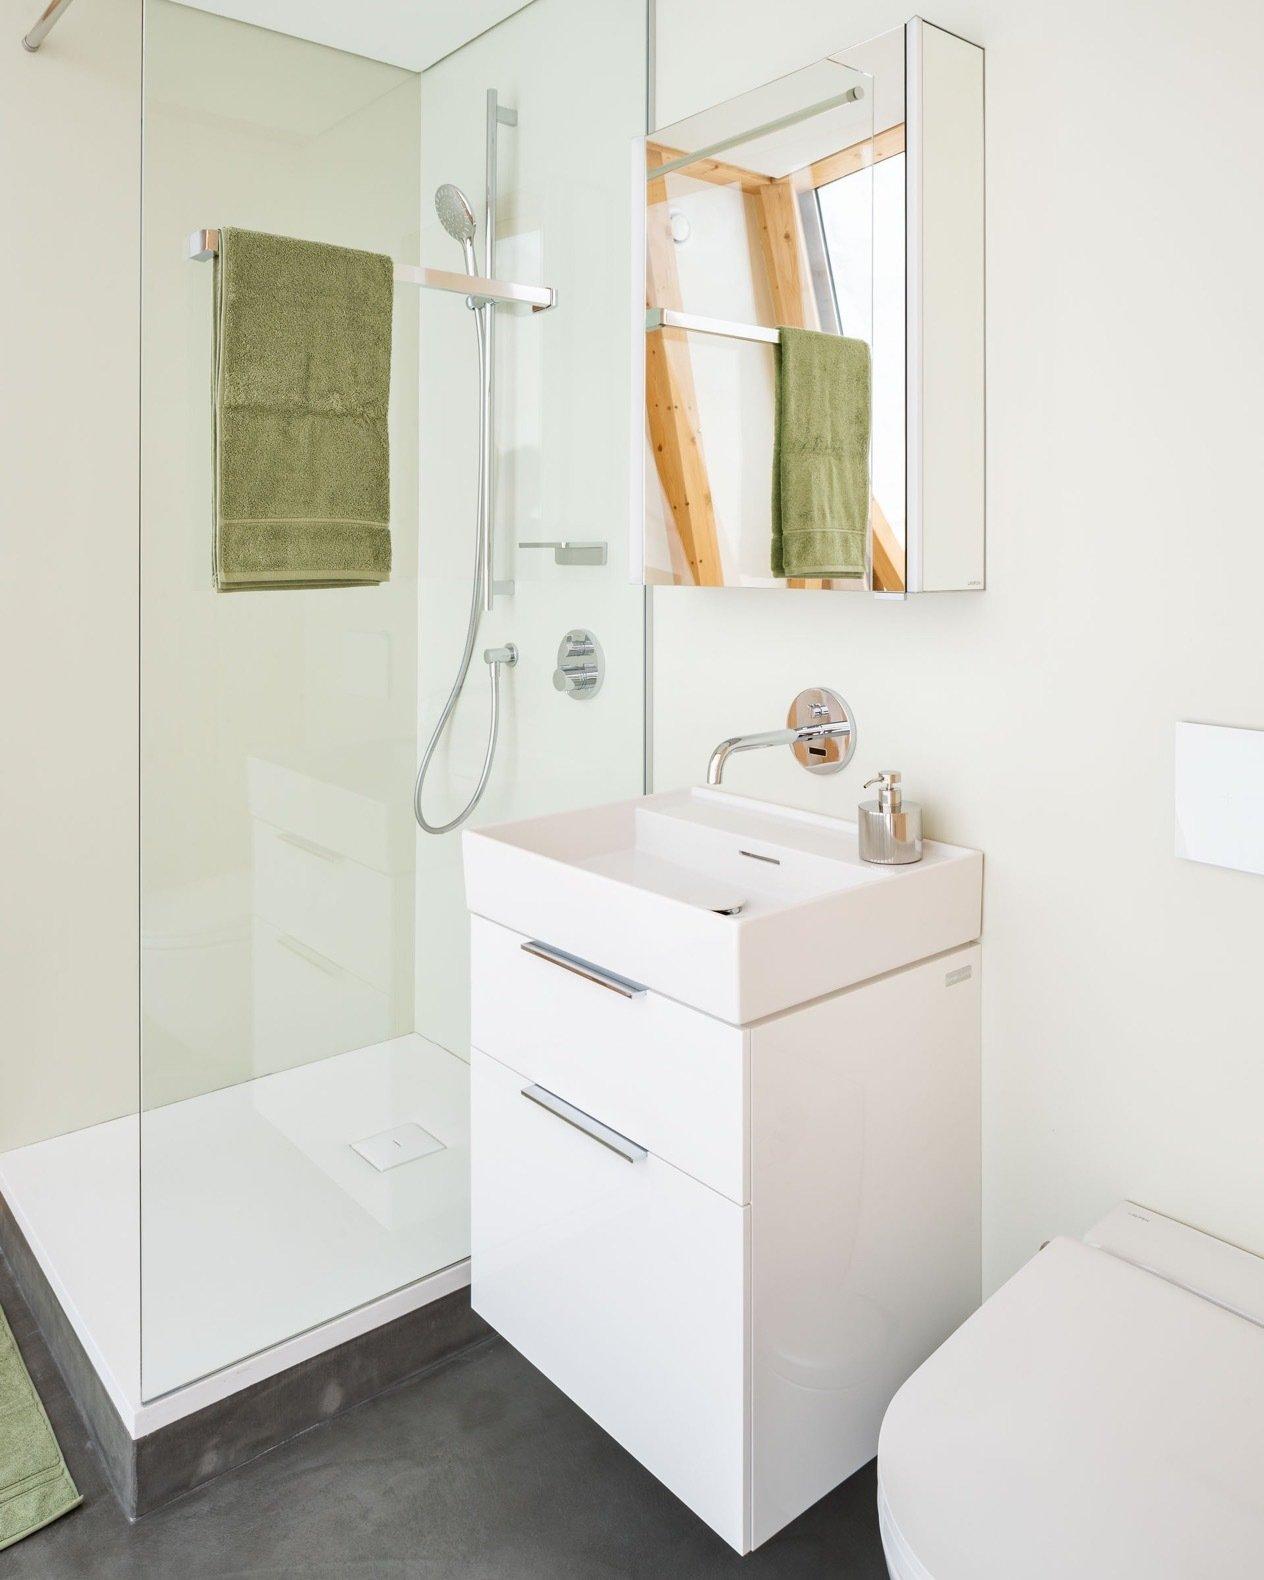 DFAB House bathroom